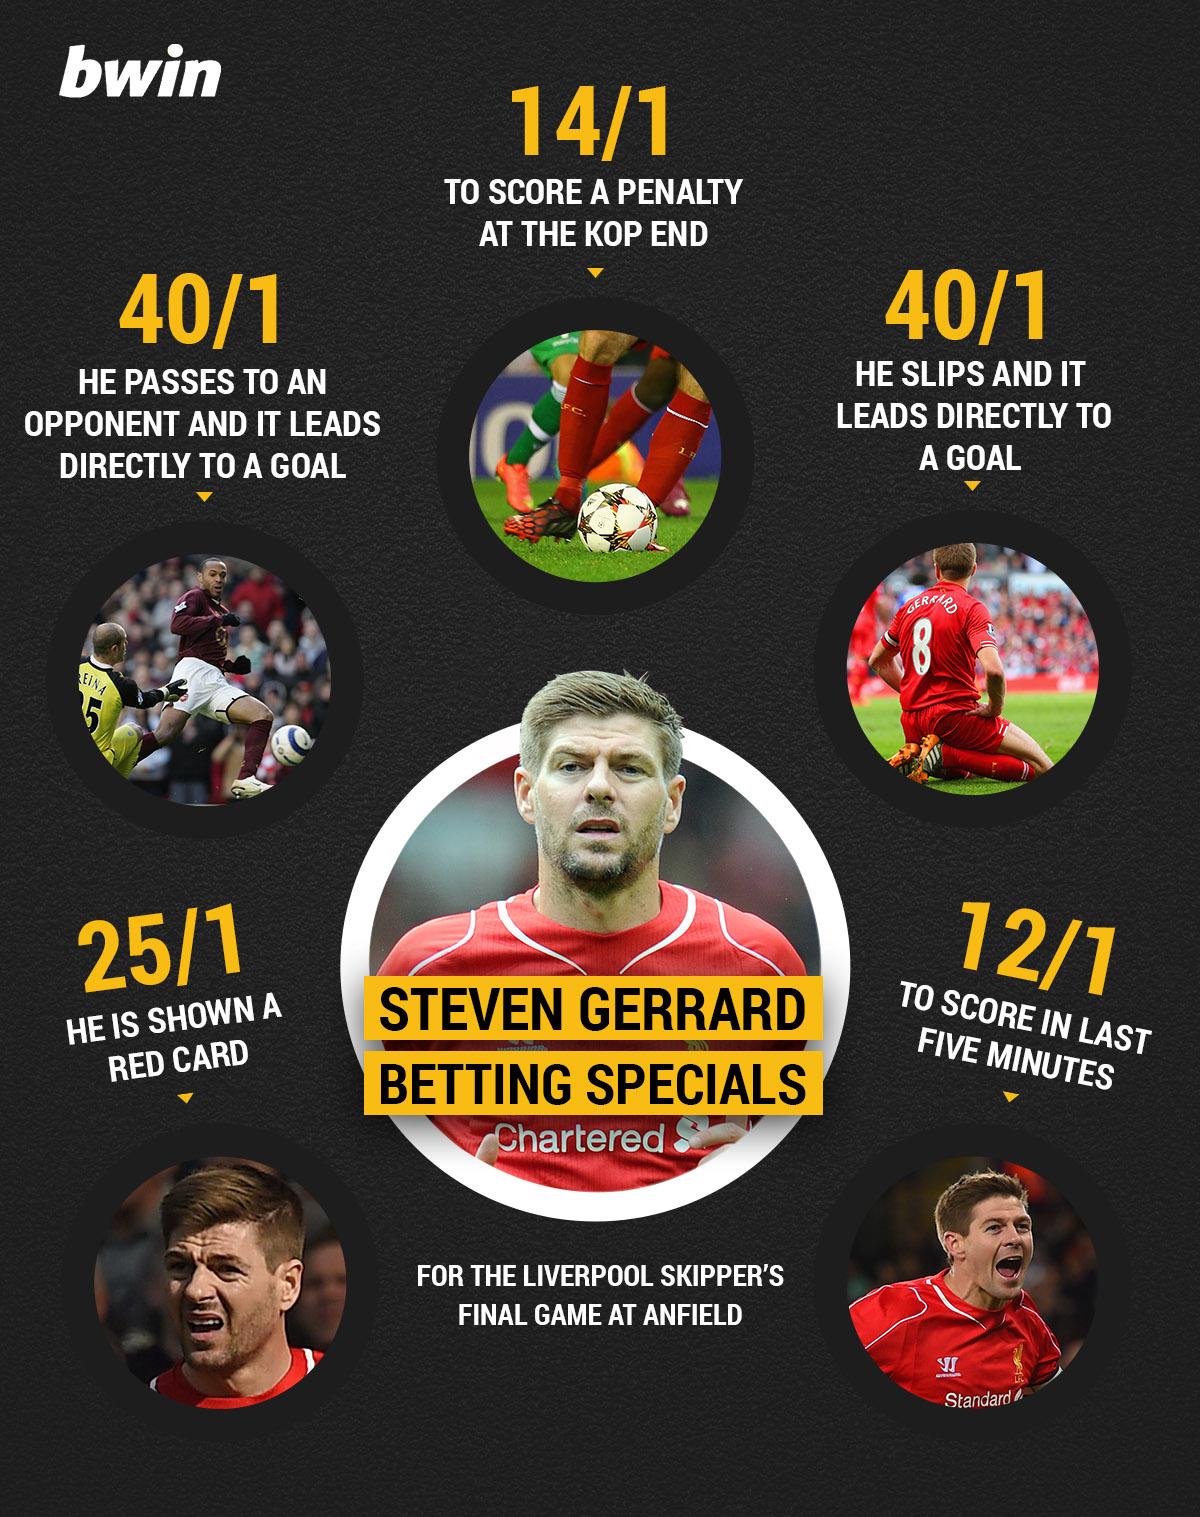 gerrard-betting-specials